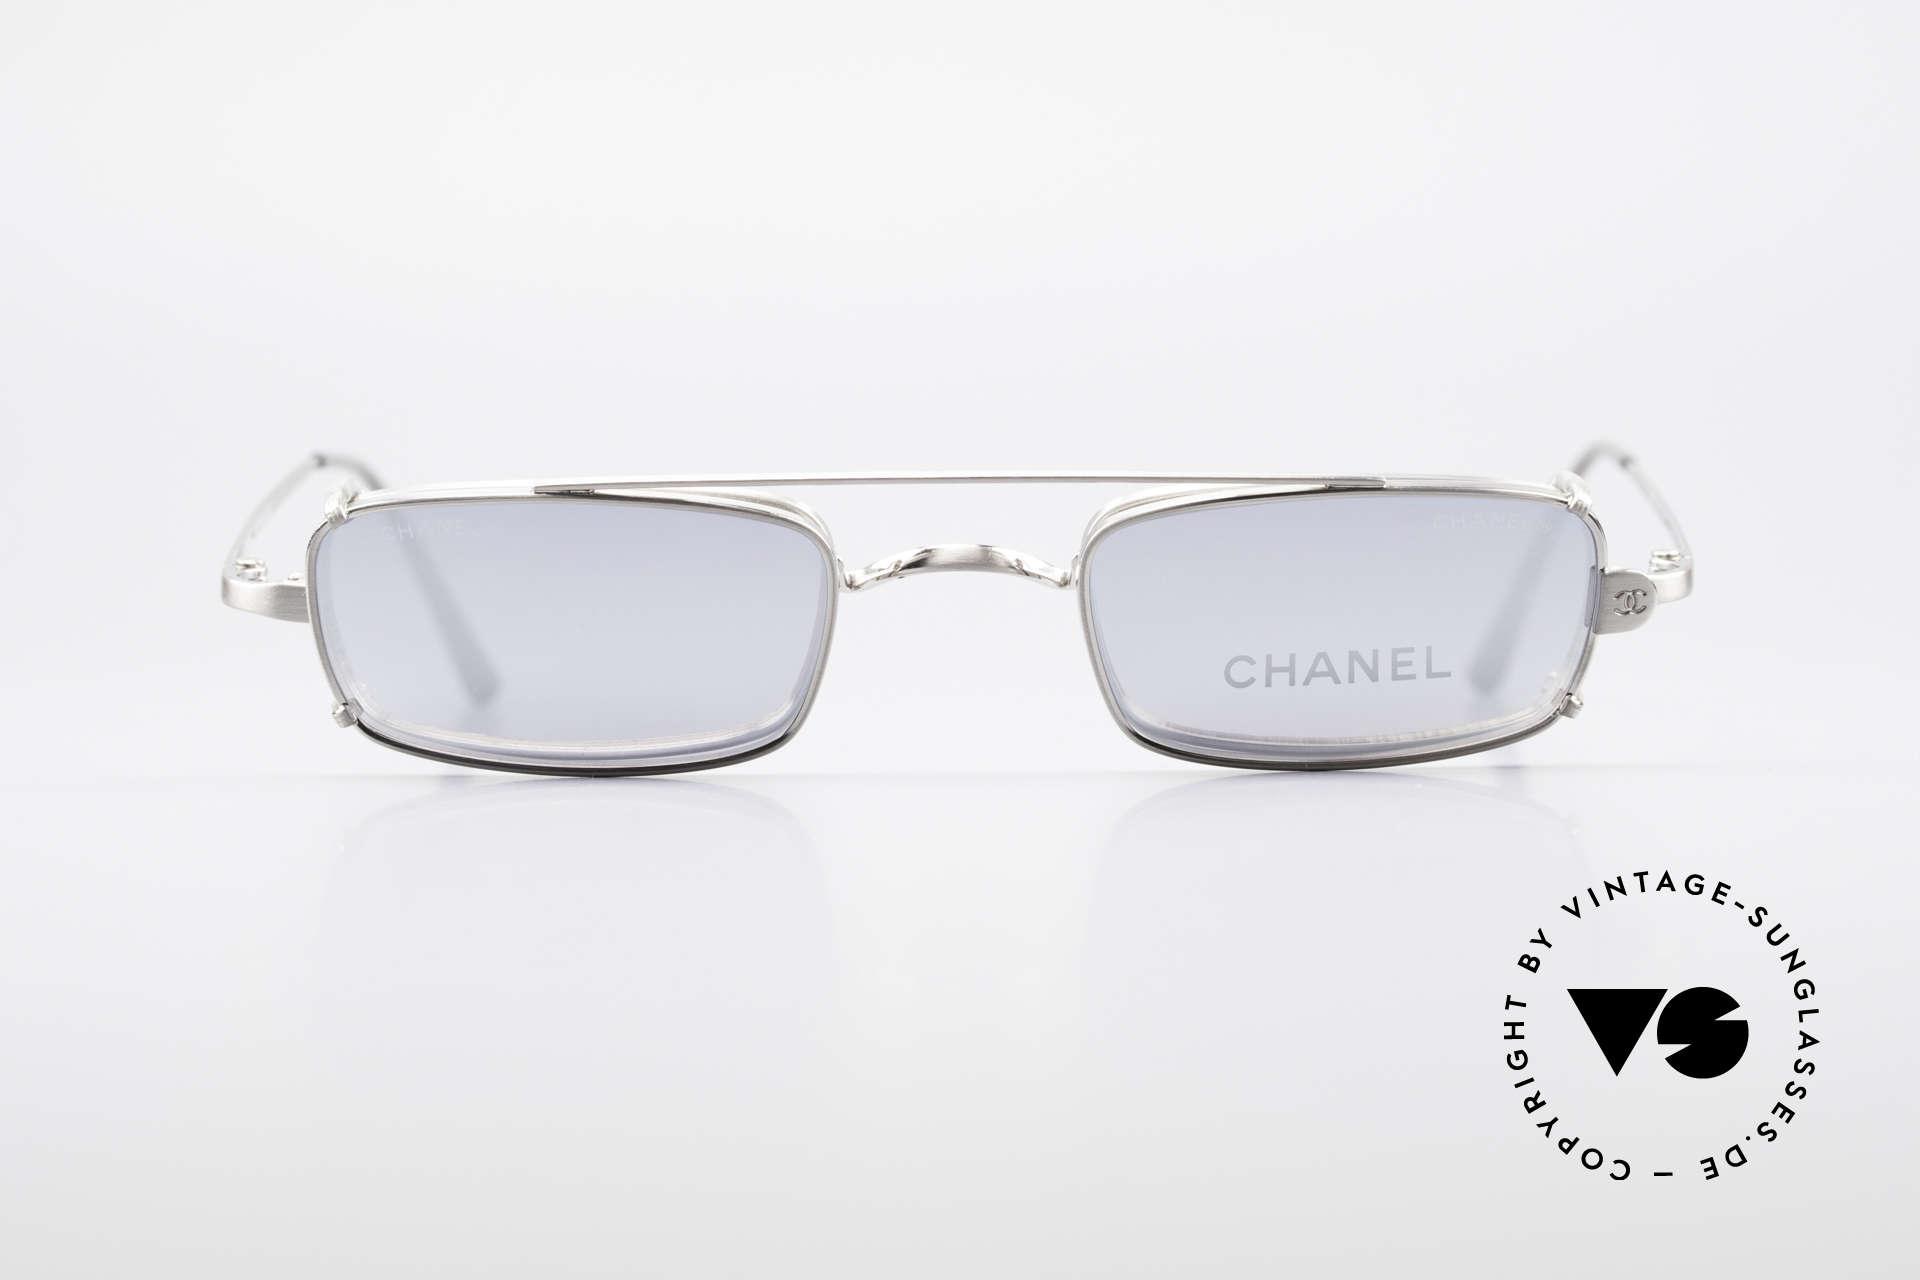 72c113e92a Chanel 2038 Square Luxury Glasses Clip On